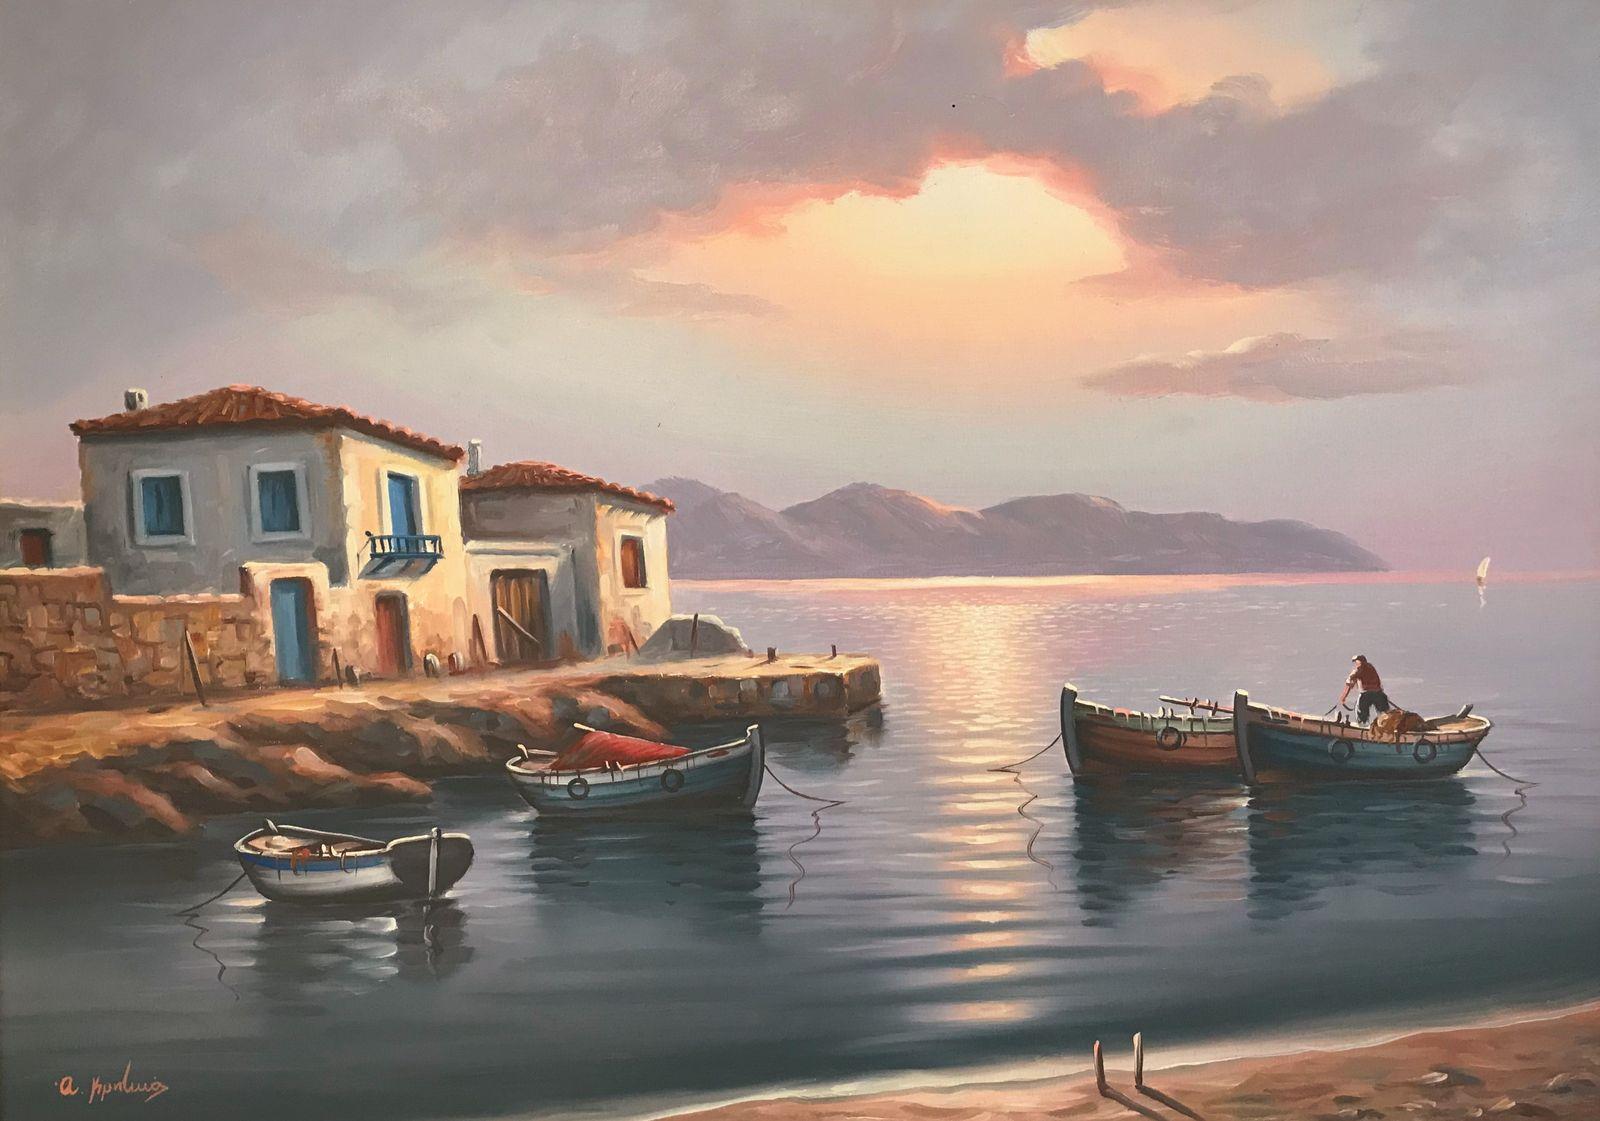 Α. Κρητικός 50×70 εκ. Λάδια σε καμβά A. Kritikos 50×70 cm Oils on canvas